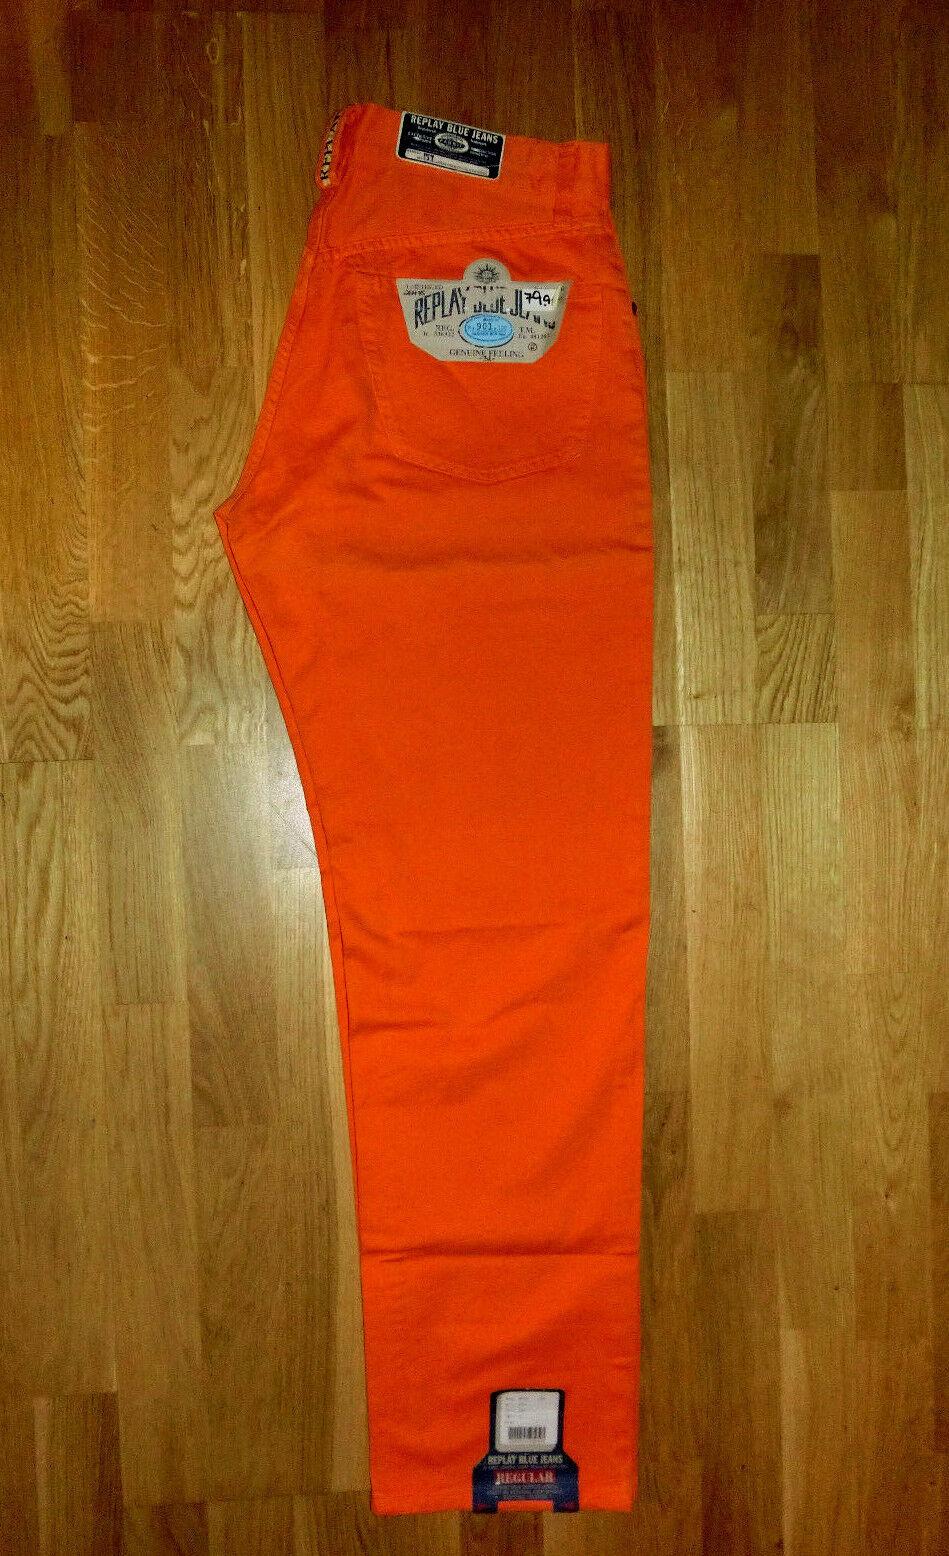 REPLAY  JEANS  NEU  901 901 901  KLASSISCH GERADES BEIN  Orange FARBE .....2 63afca